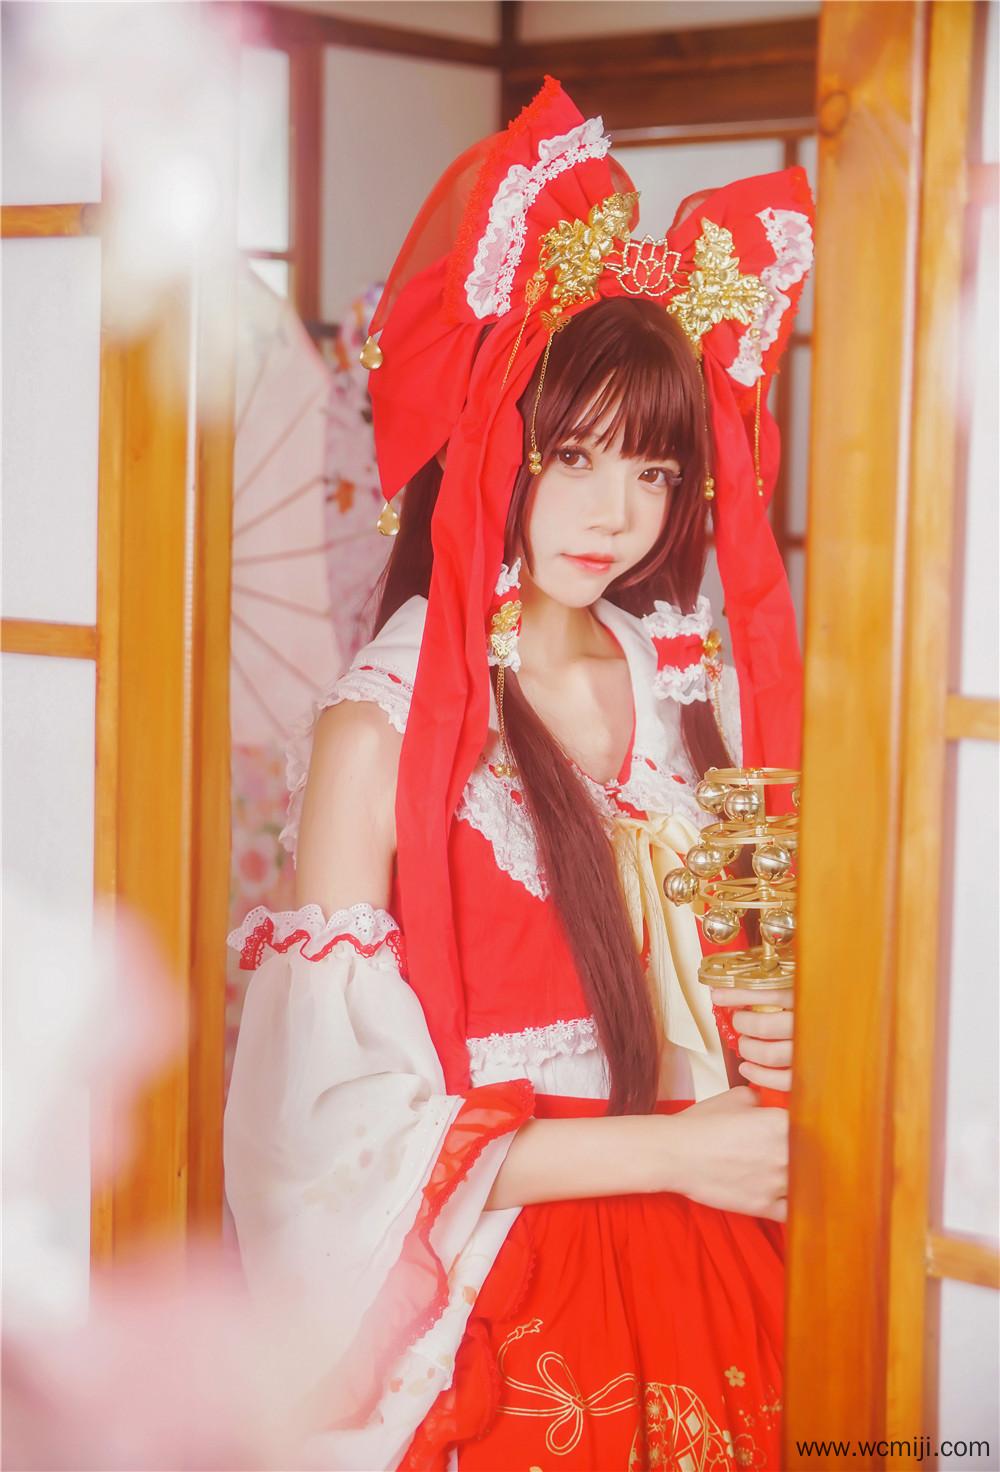 【COS】【灵梦】甜美小姐姐cos灵梦艺术图片【31P】